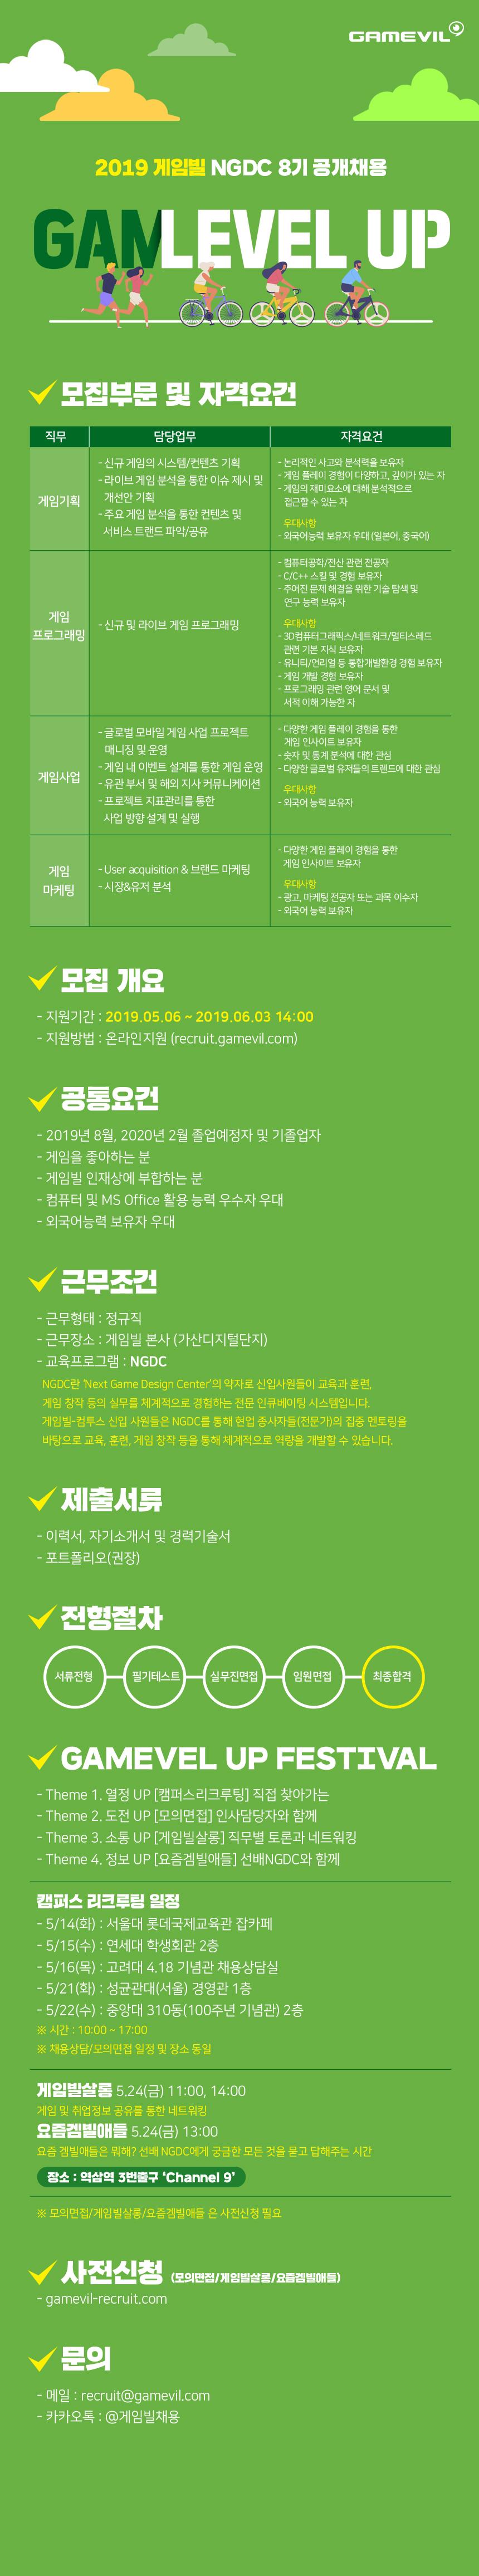 (게임빌) 2019 게임빌 NGDC 8기_ 신입 공개채용_공고.jpg